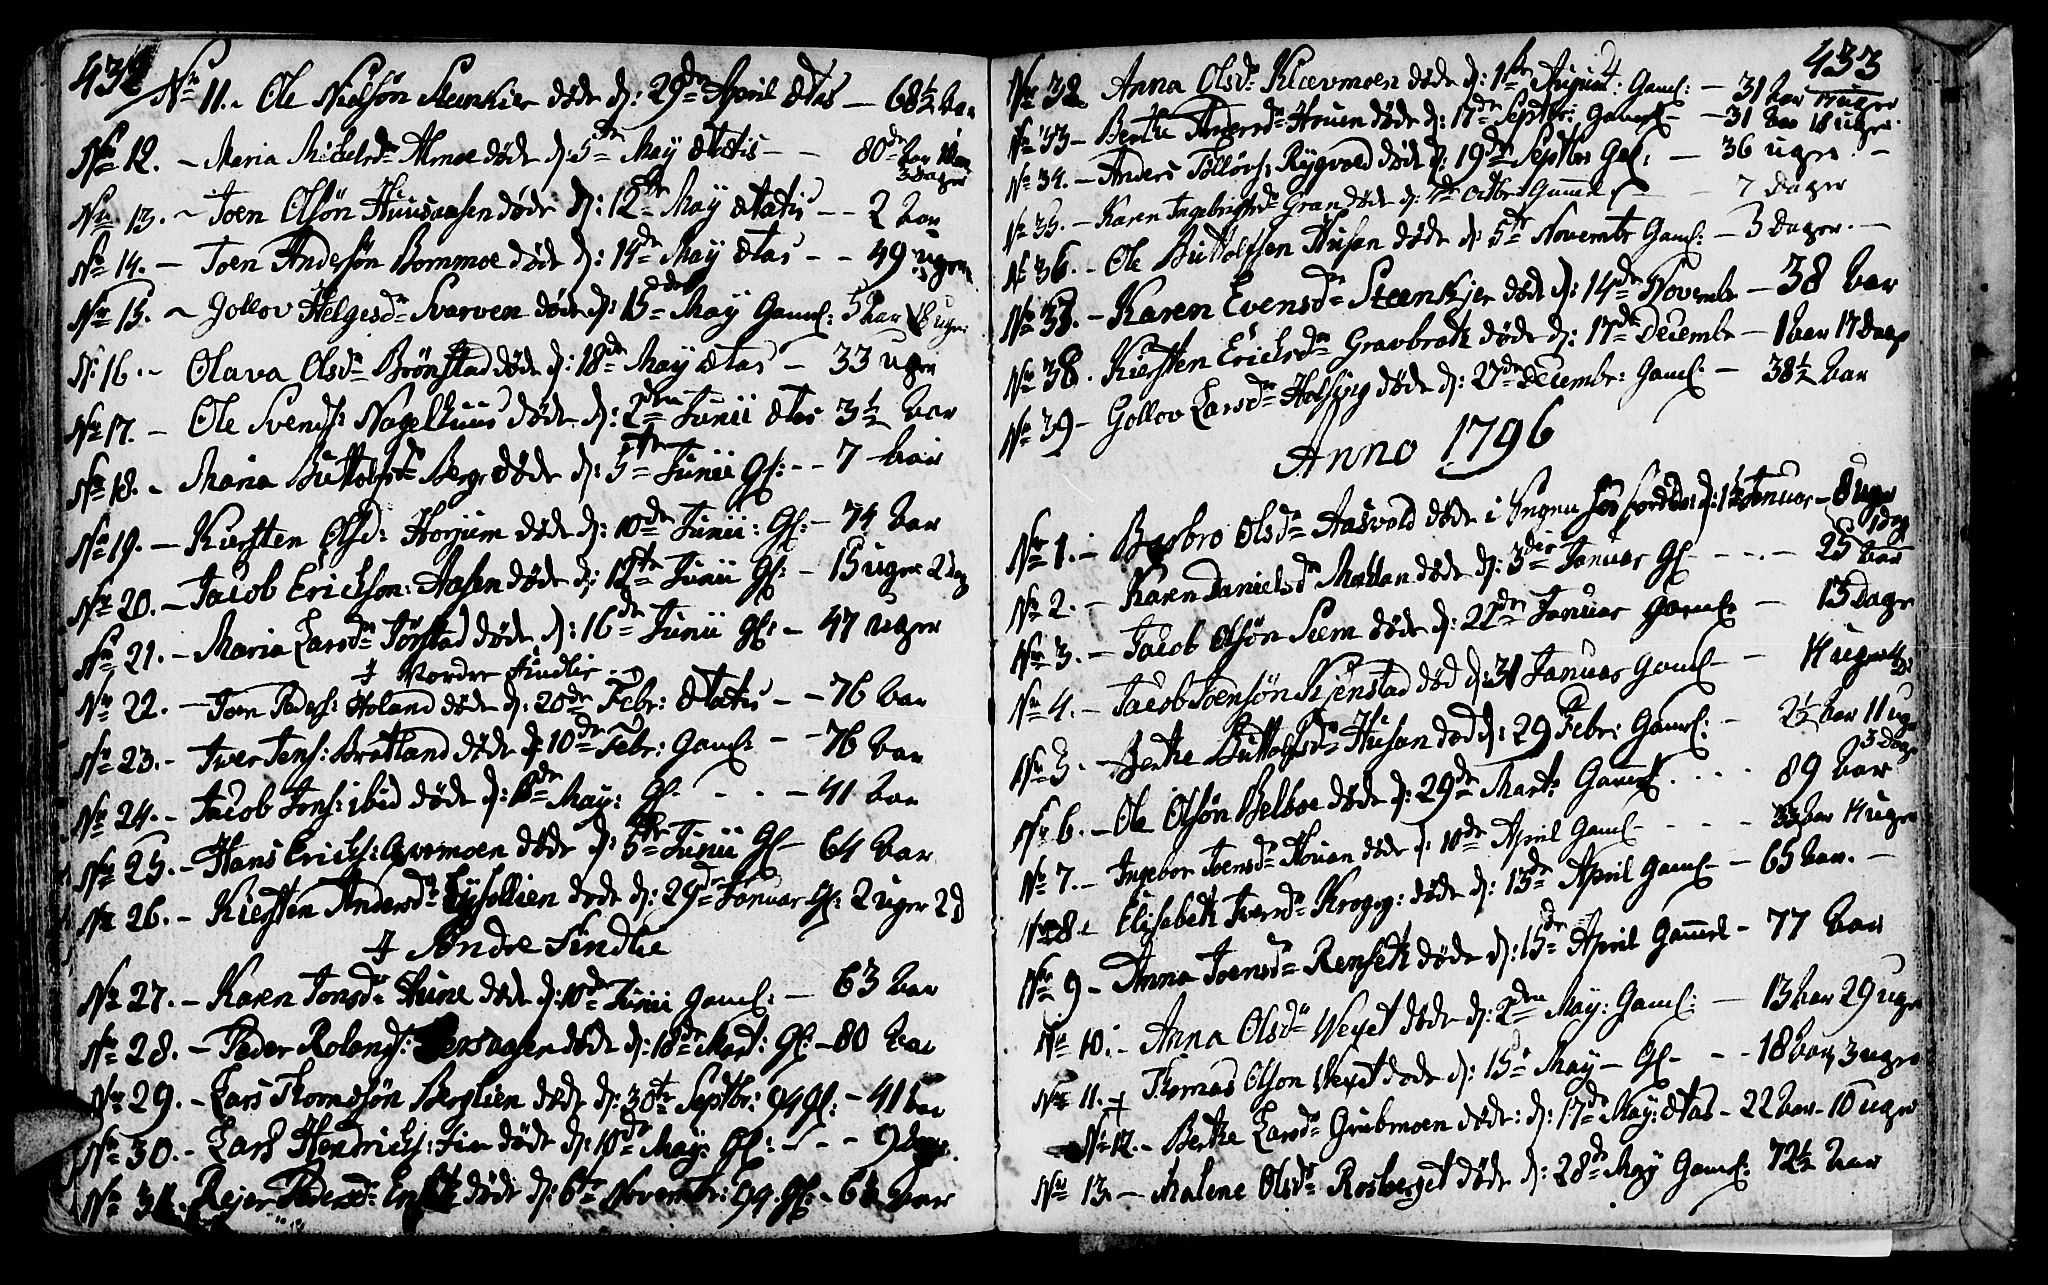 SAT, Ministerialprotokoller, klokkerbøker og fødselsregistre - Nord-Trøndelag, 749/L0468: Parish register (official) no. 749A02, 1787-1817, p. 432-433